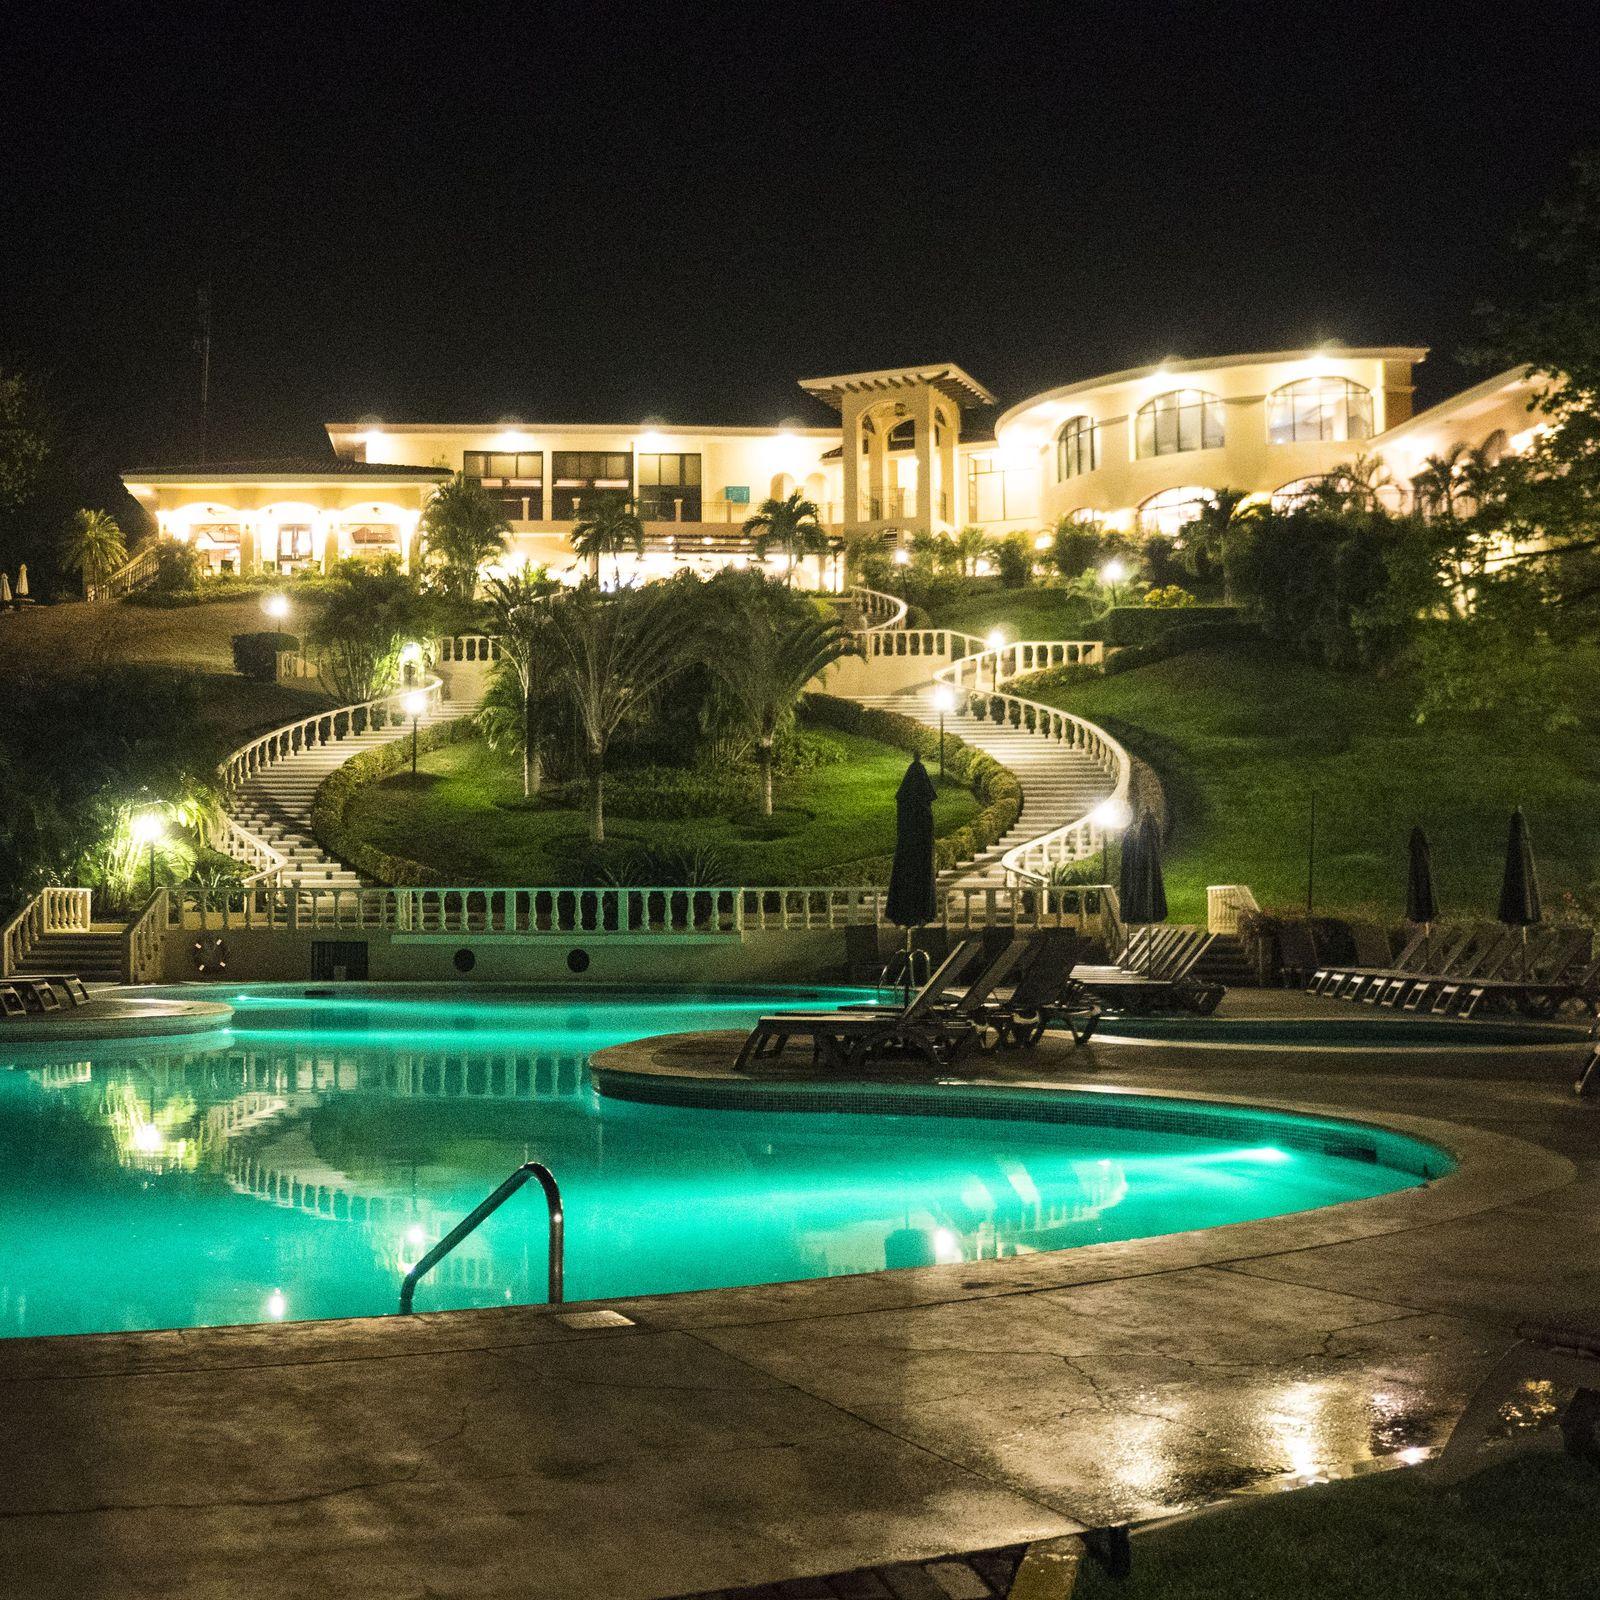 Excursiones por la noche en Golfo Papagayo, en Costa Rica, para descubrir las mejores vistas nocturnas